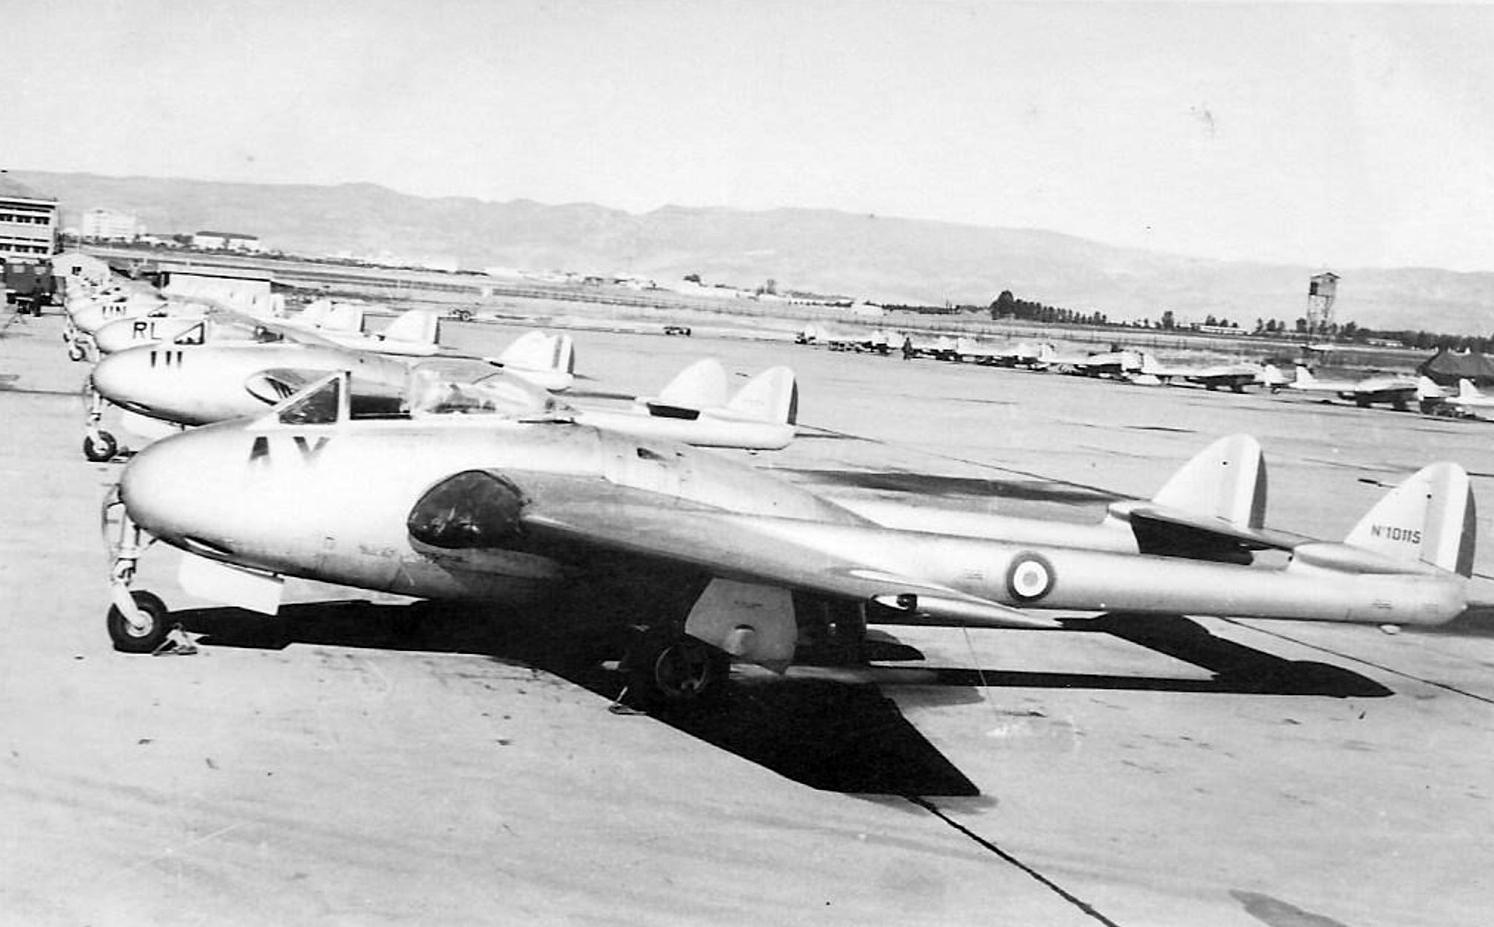 Base aérienne 708 - Meknès Clipb432